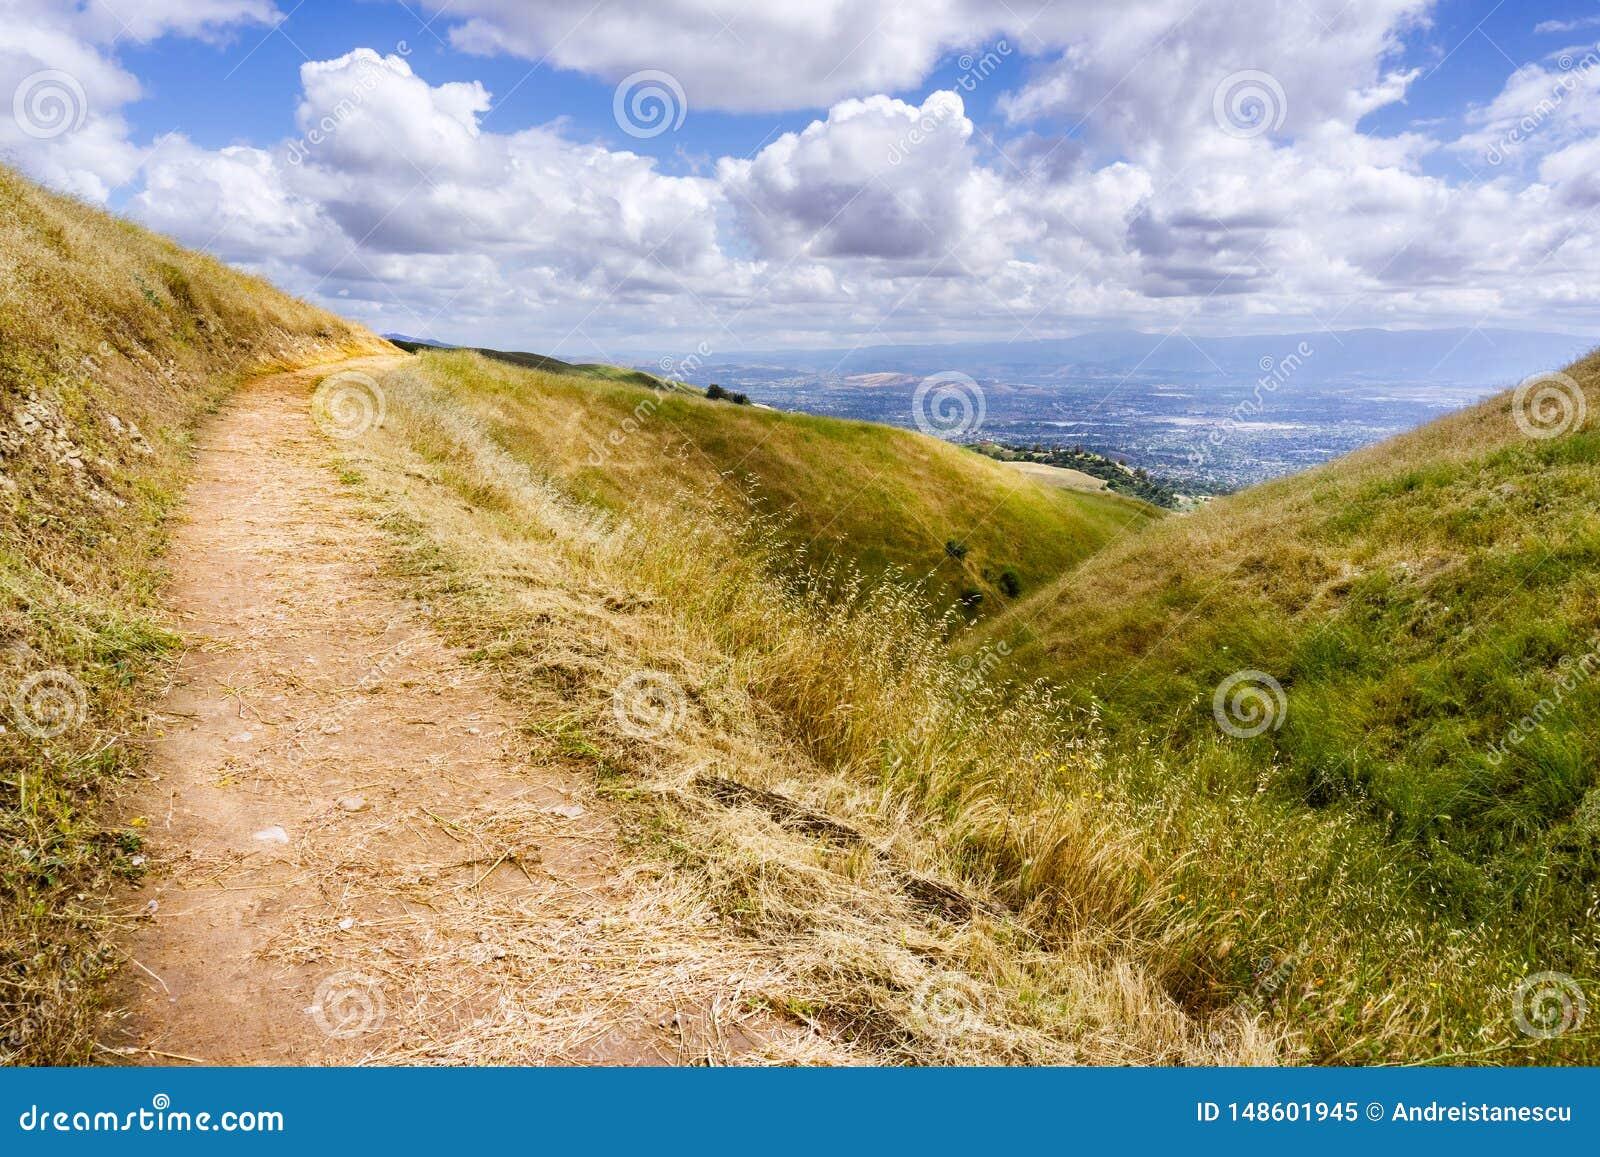 Fotvandra slinga till och med kullarna av södra San Francisco Bay område, San Jose som är synligt i bakgrunden, Kalifornien